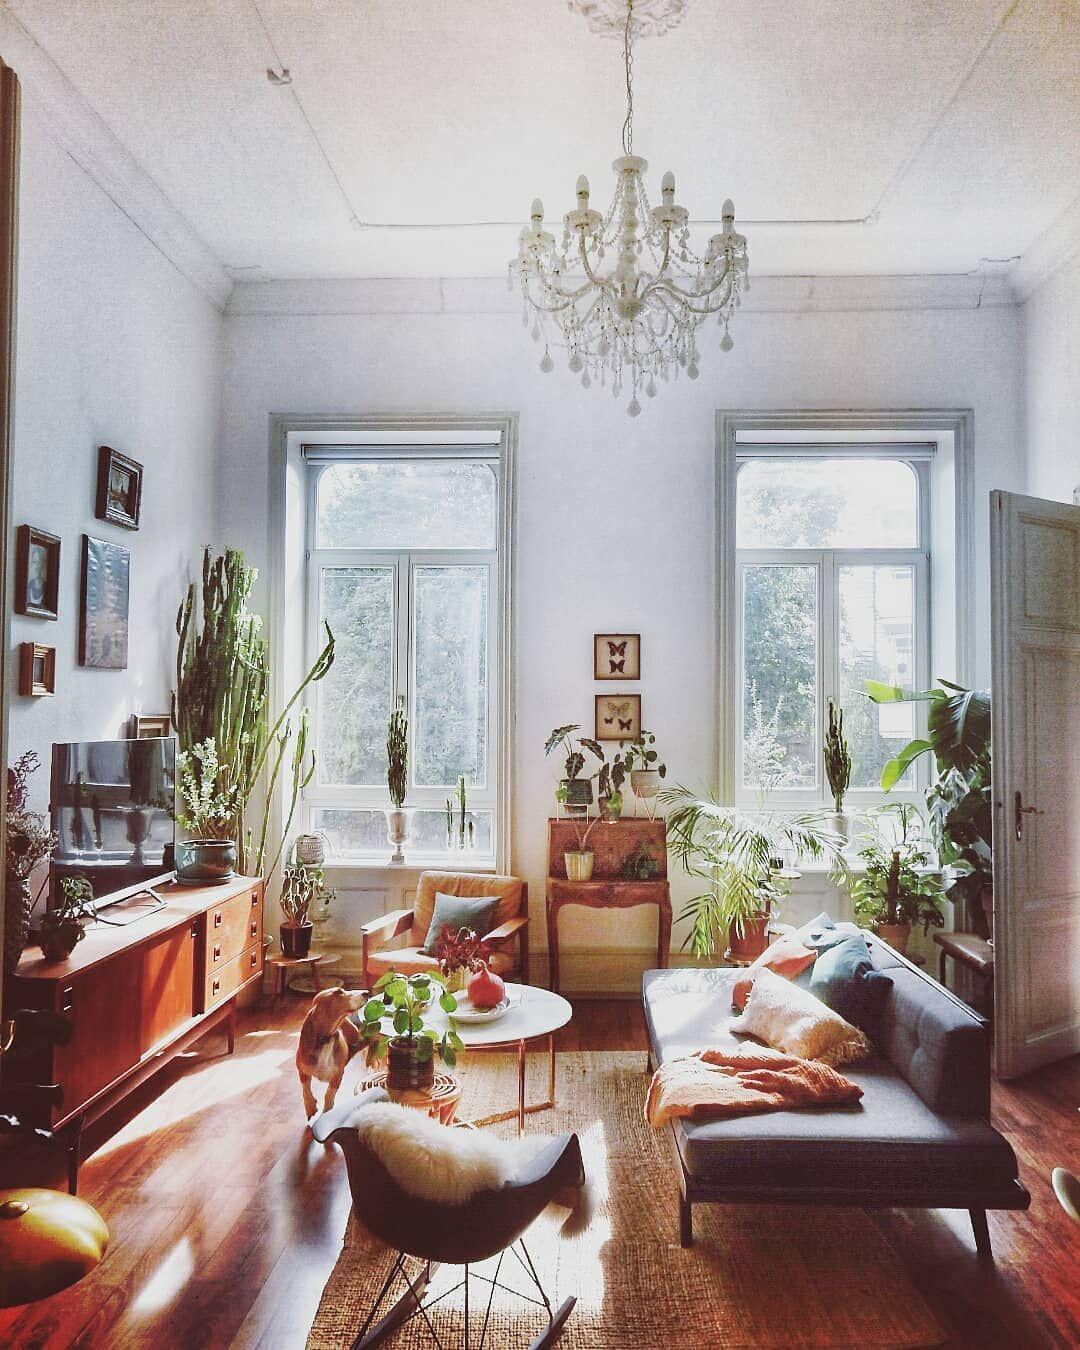 """Photo of SoLebIch.de su Instagram: """"So schön gemütlich hat es @story_about_my_home in ihrem Wohnzimmer ? #SoLebIch #repost #wohnzimmer #altbauliebe"""""""